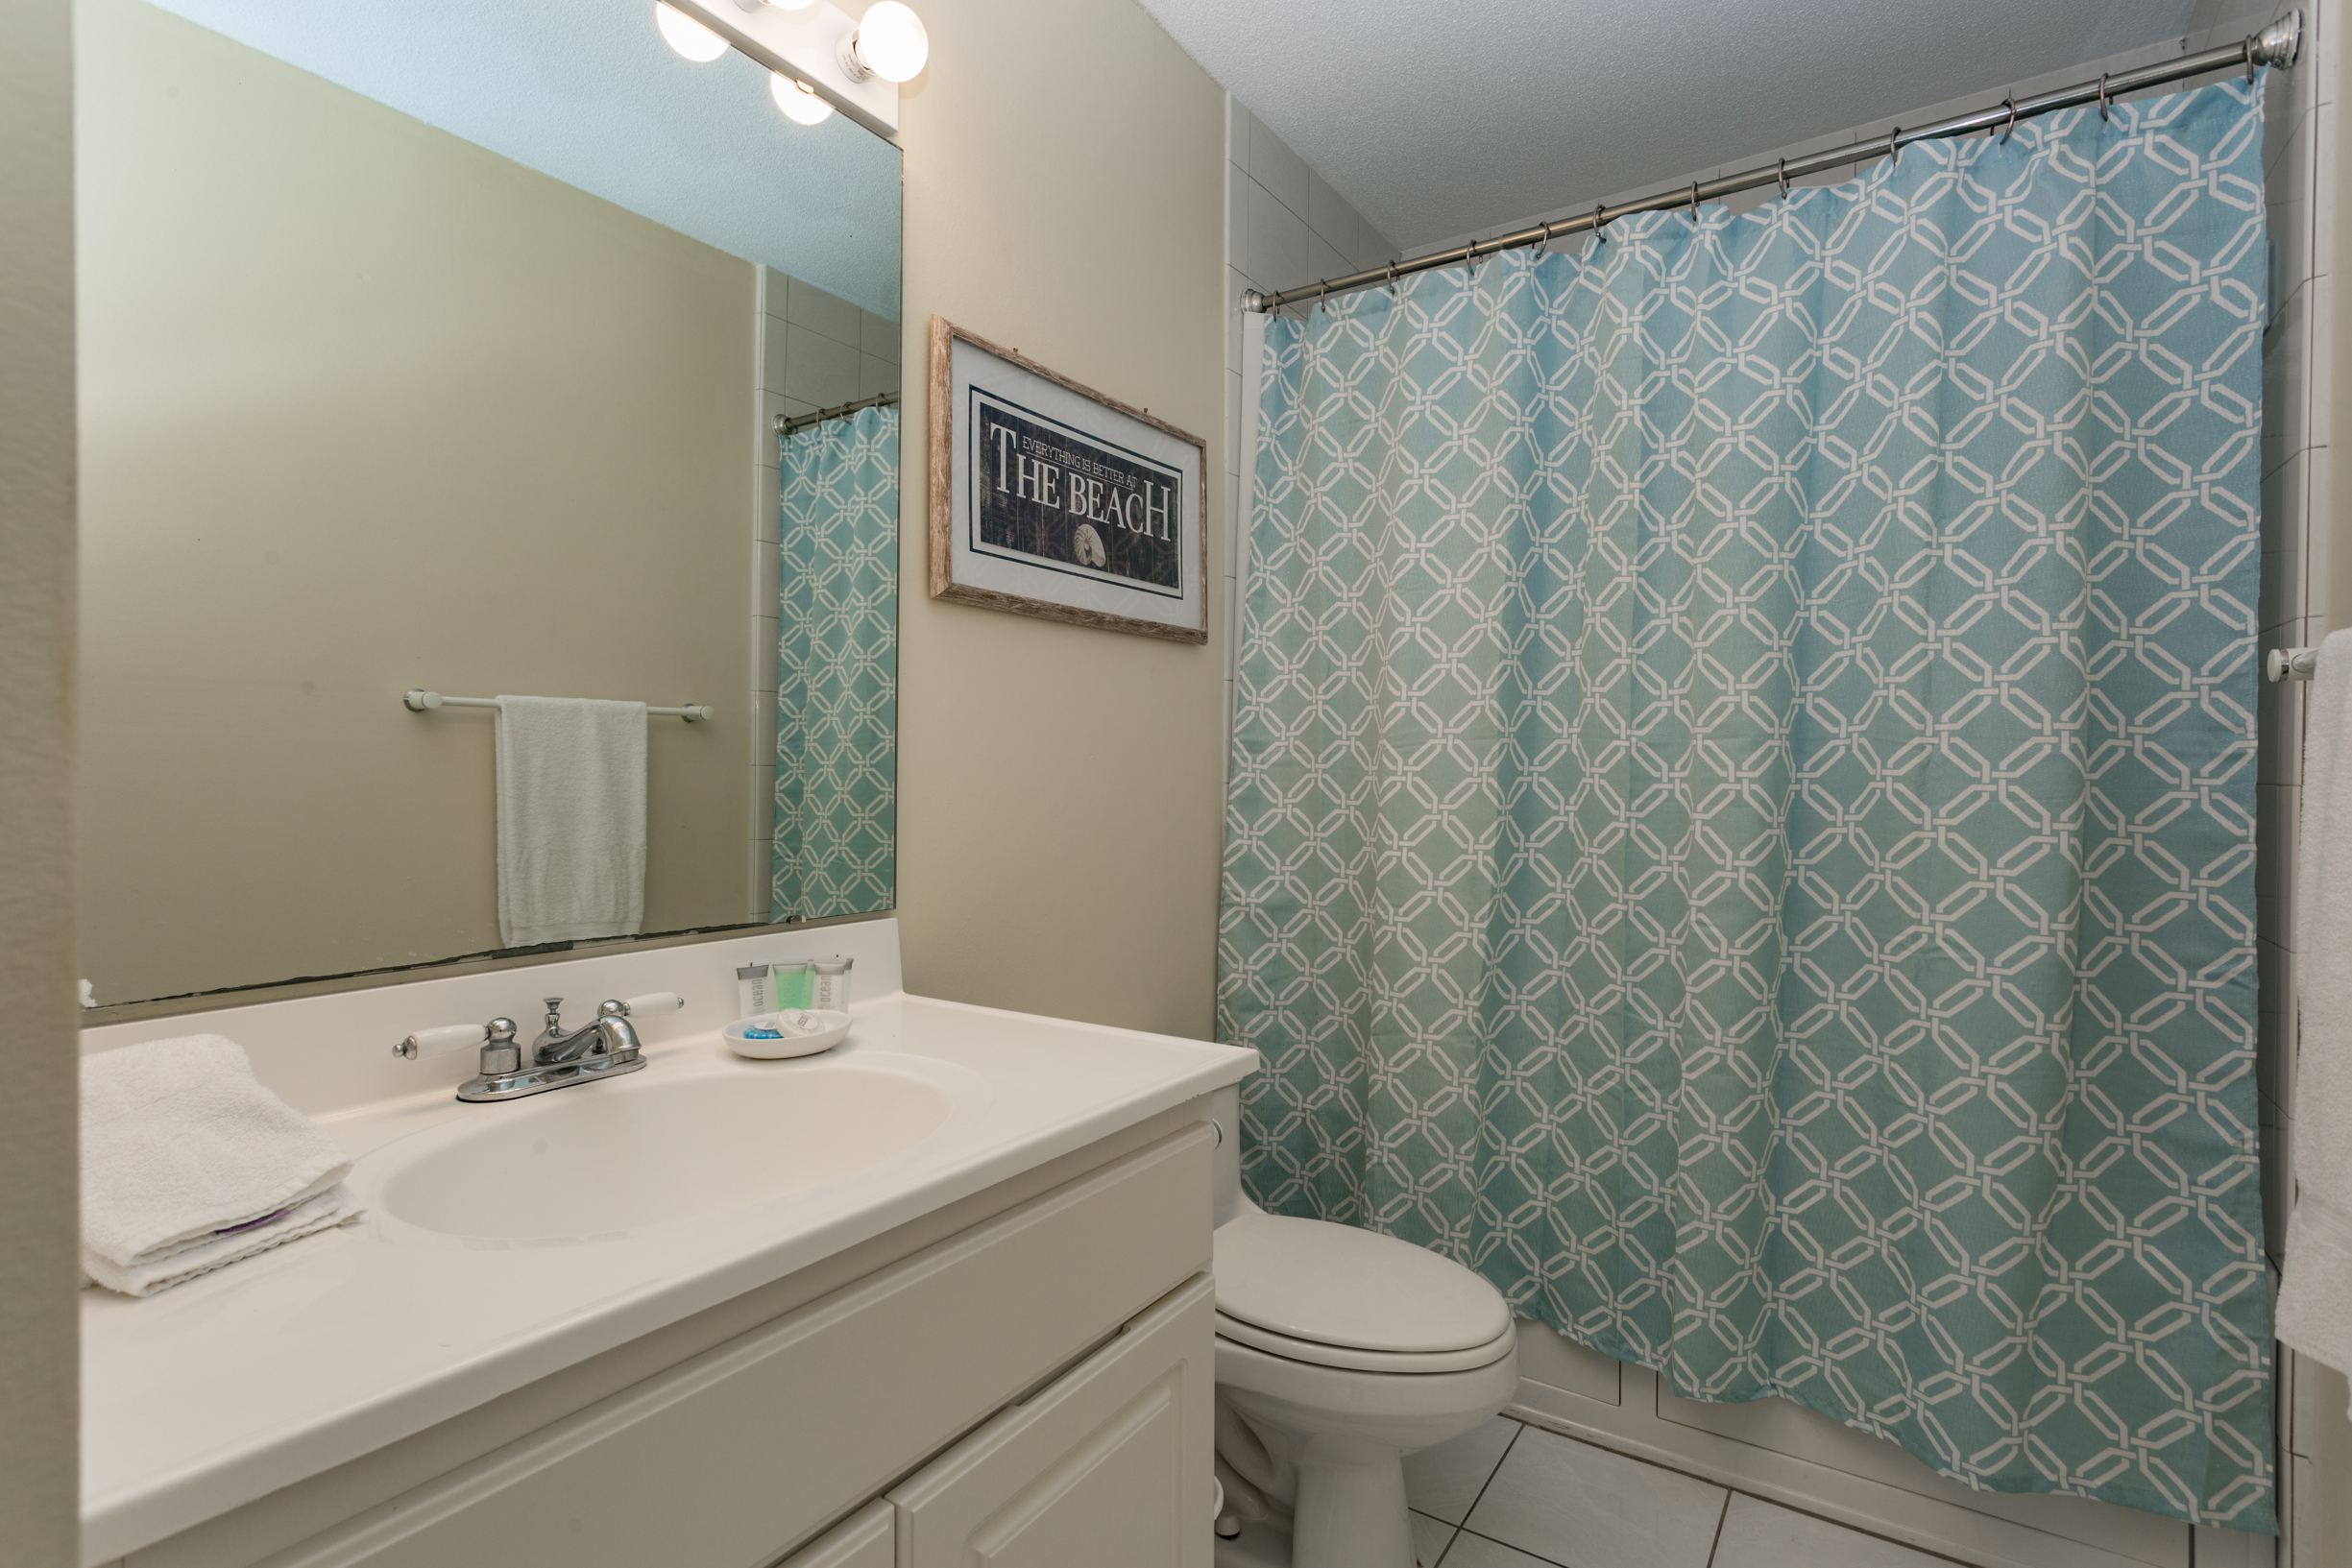 Maldonado 1409 - The Hip * Nautic House/Cottage rental in Pensacola Beach House Rentals in Pensacola Beach Florida - #26